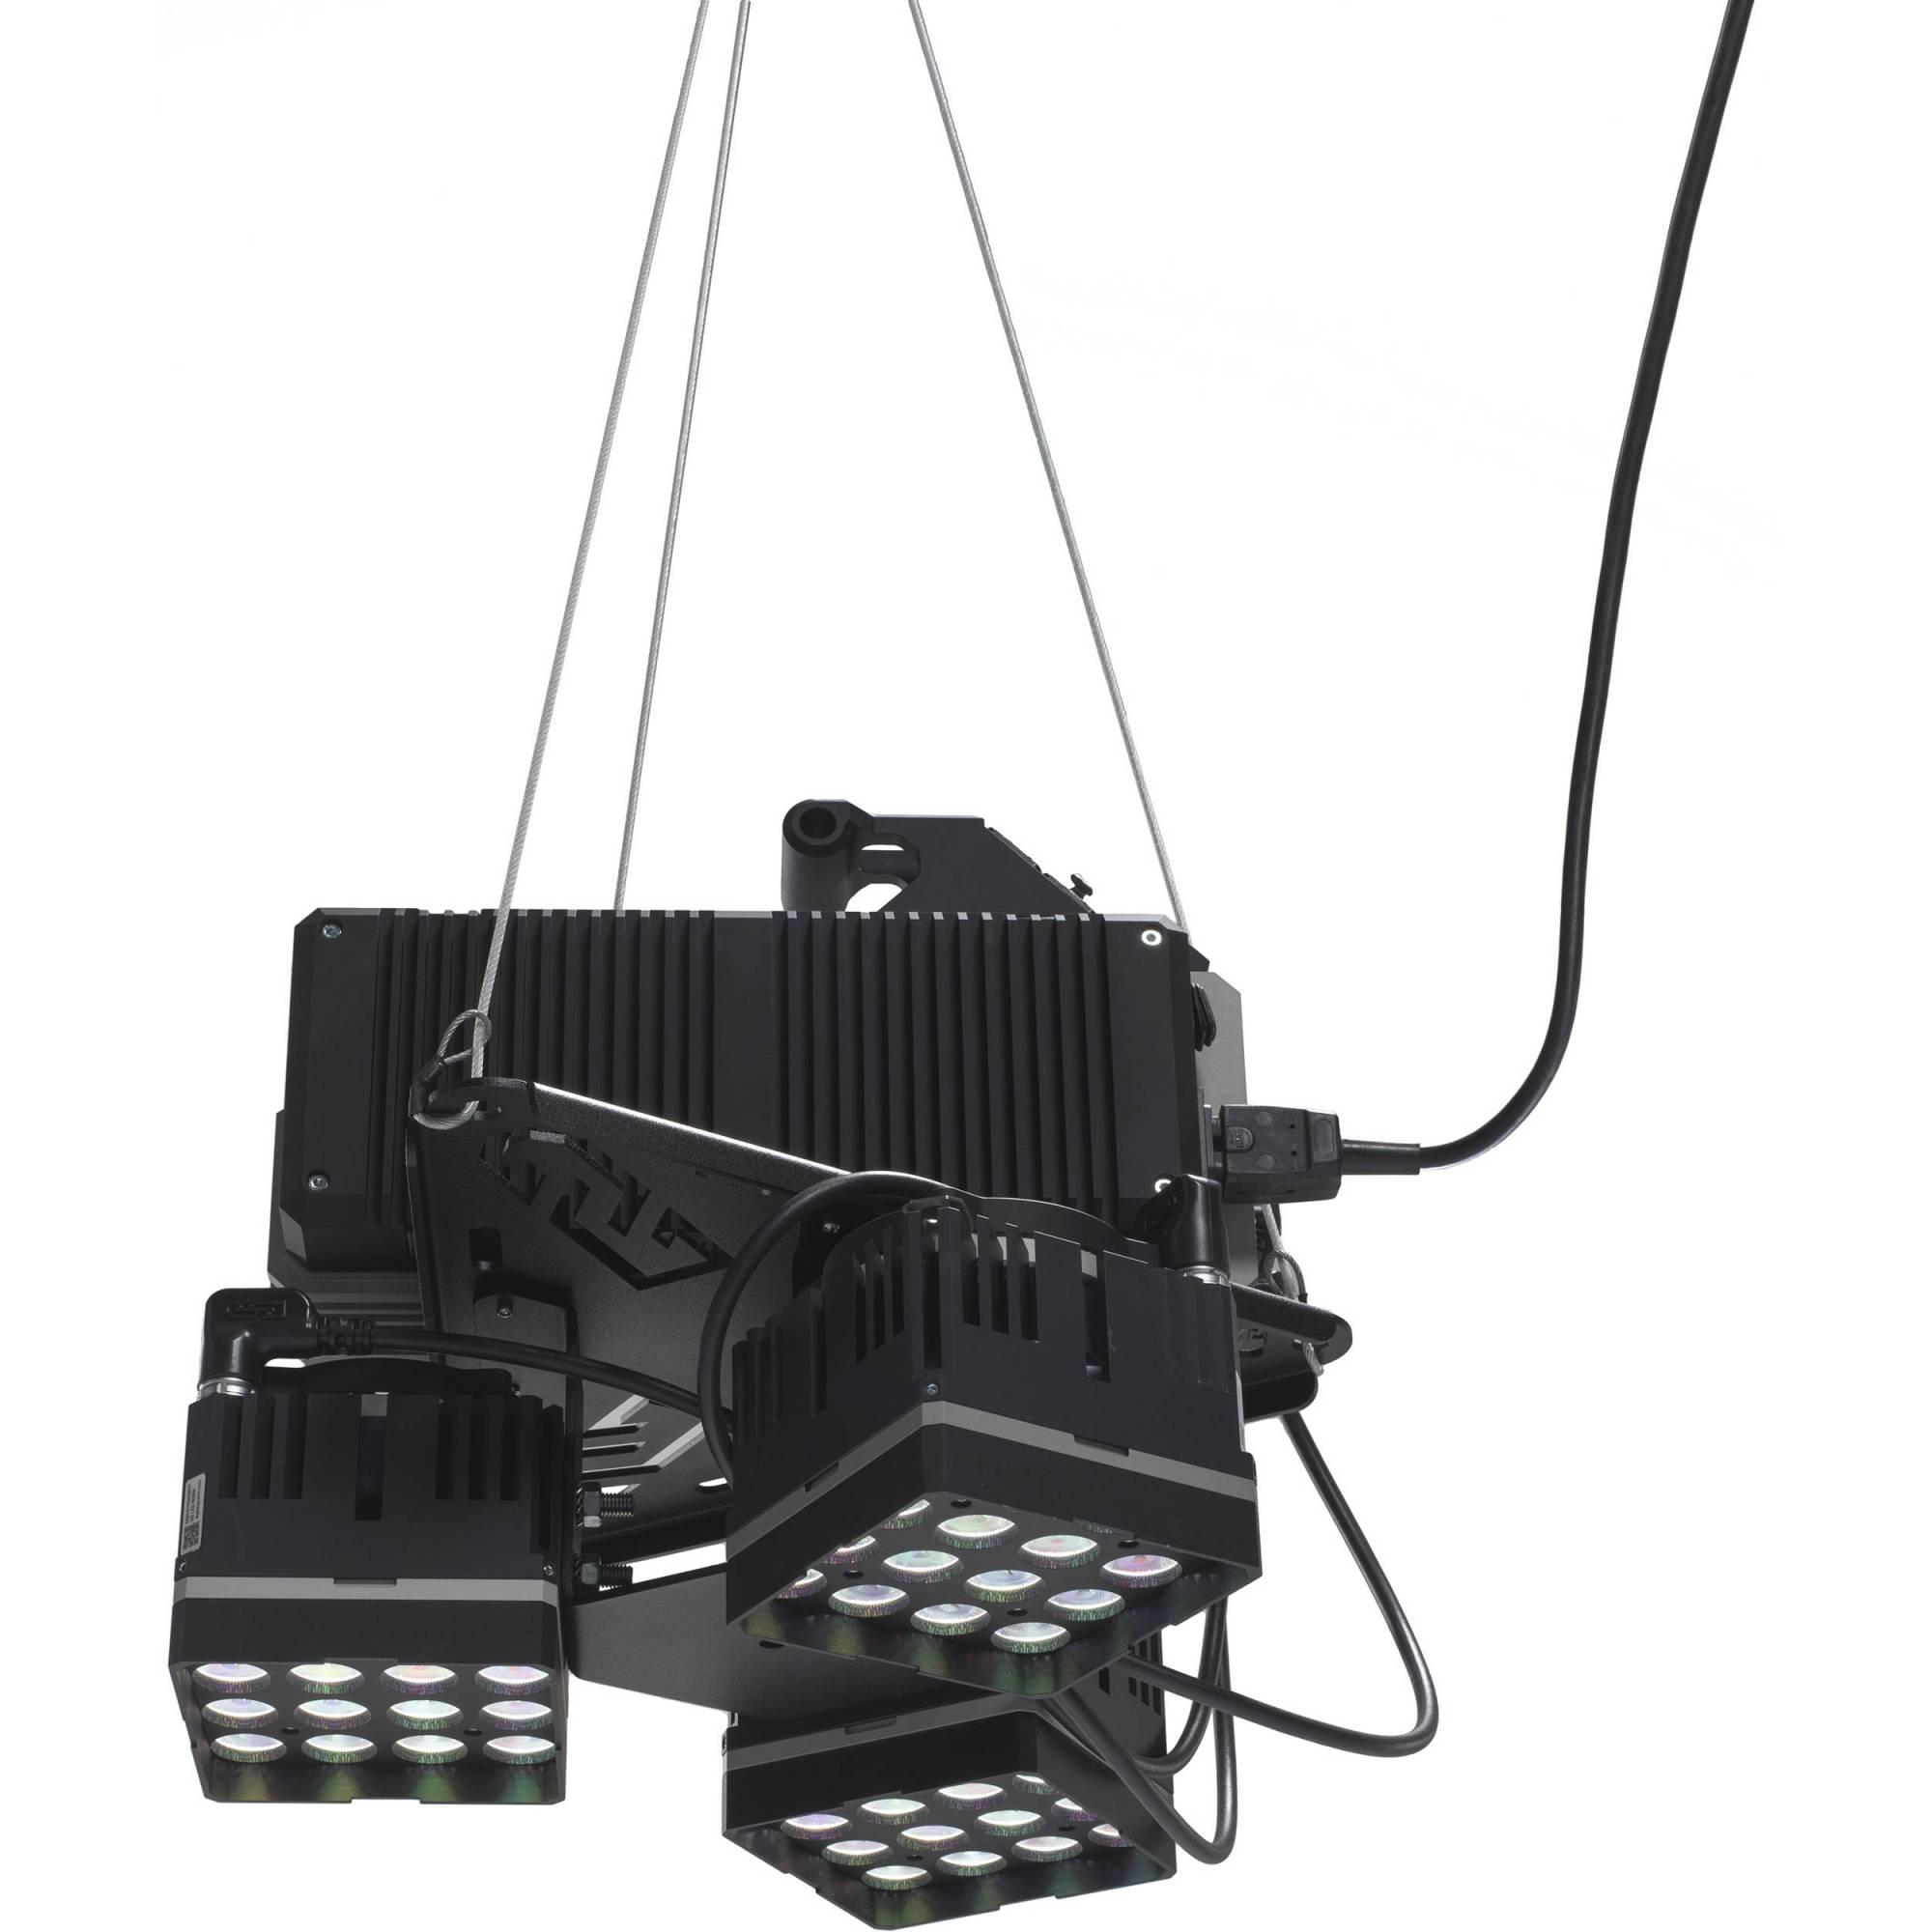 hight resolution of digital sputnik ds3 spacelight 6 led module dmx rdm wired system